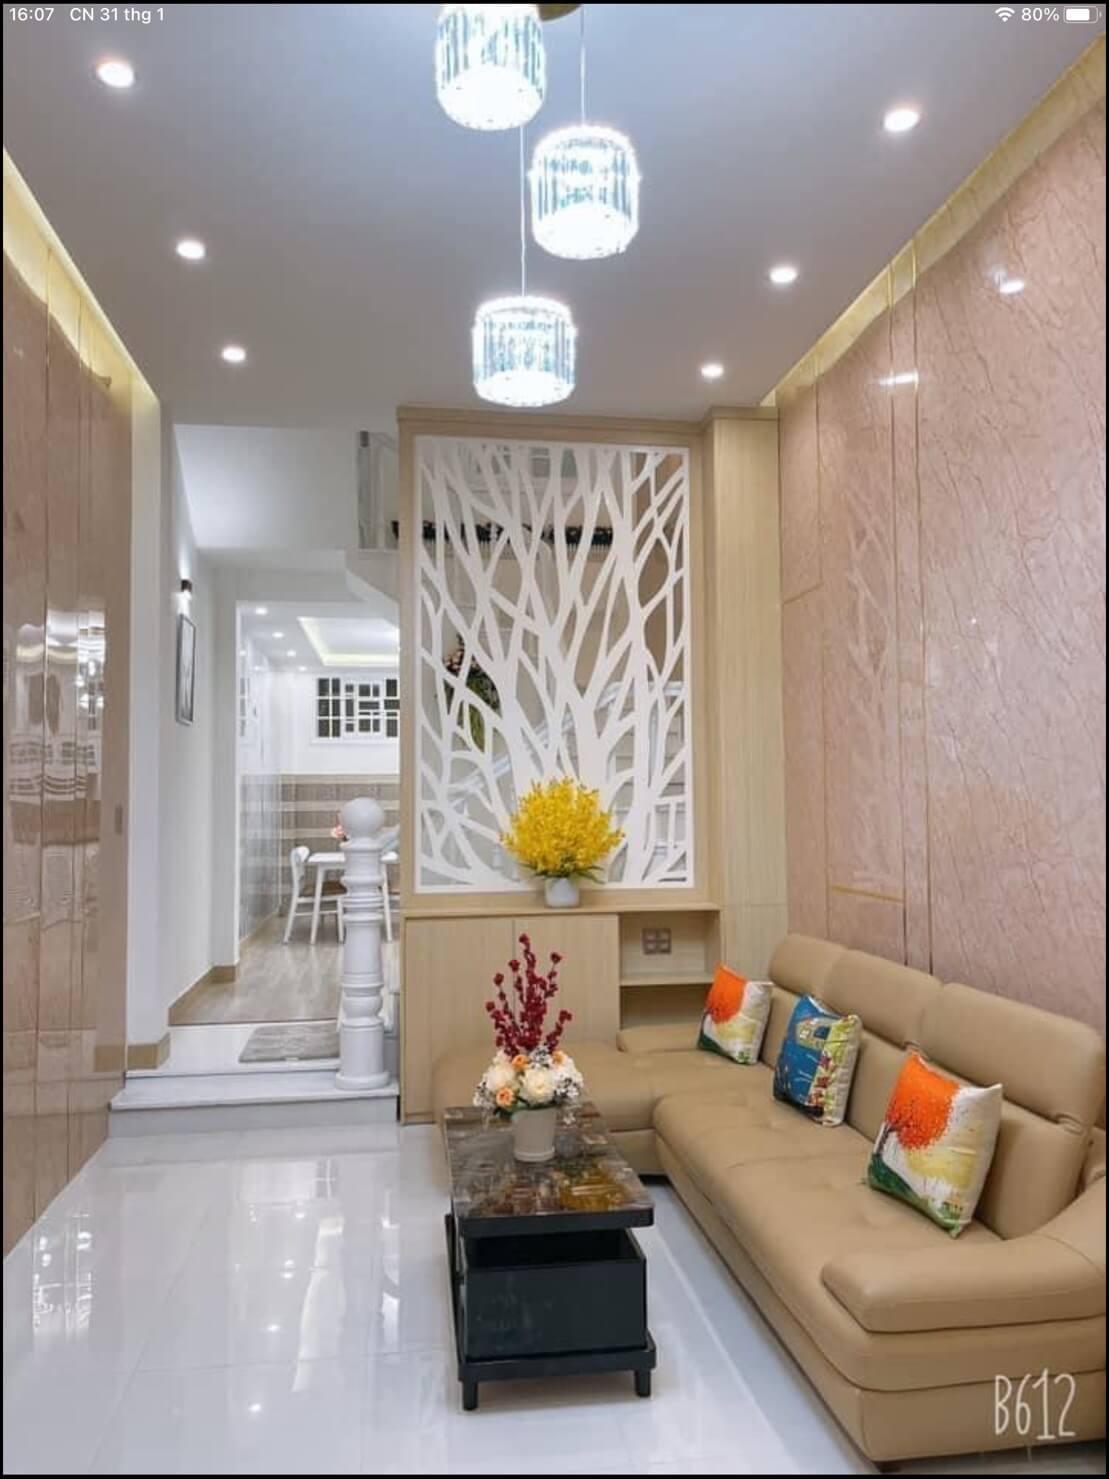 phòng khách nhà đường Hàn Mạc Tử